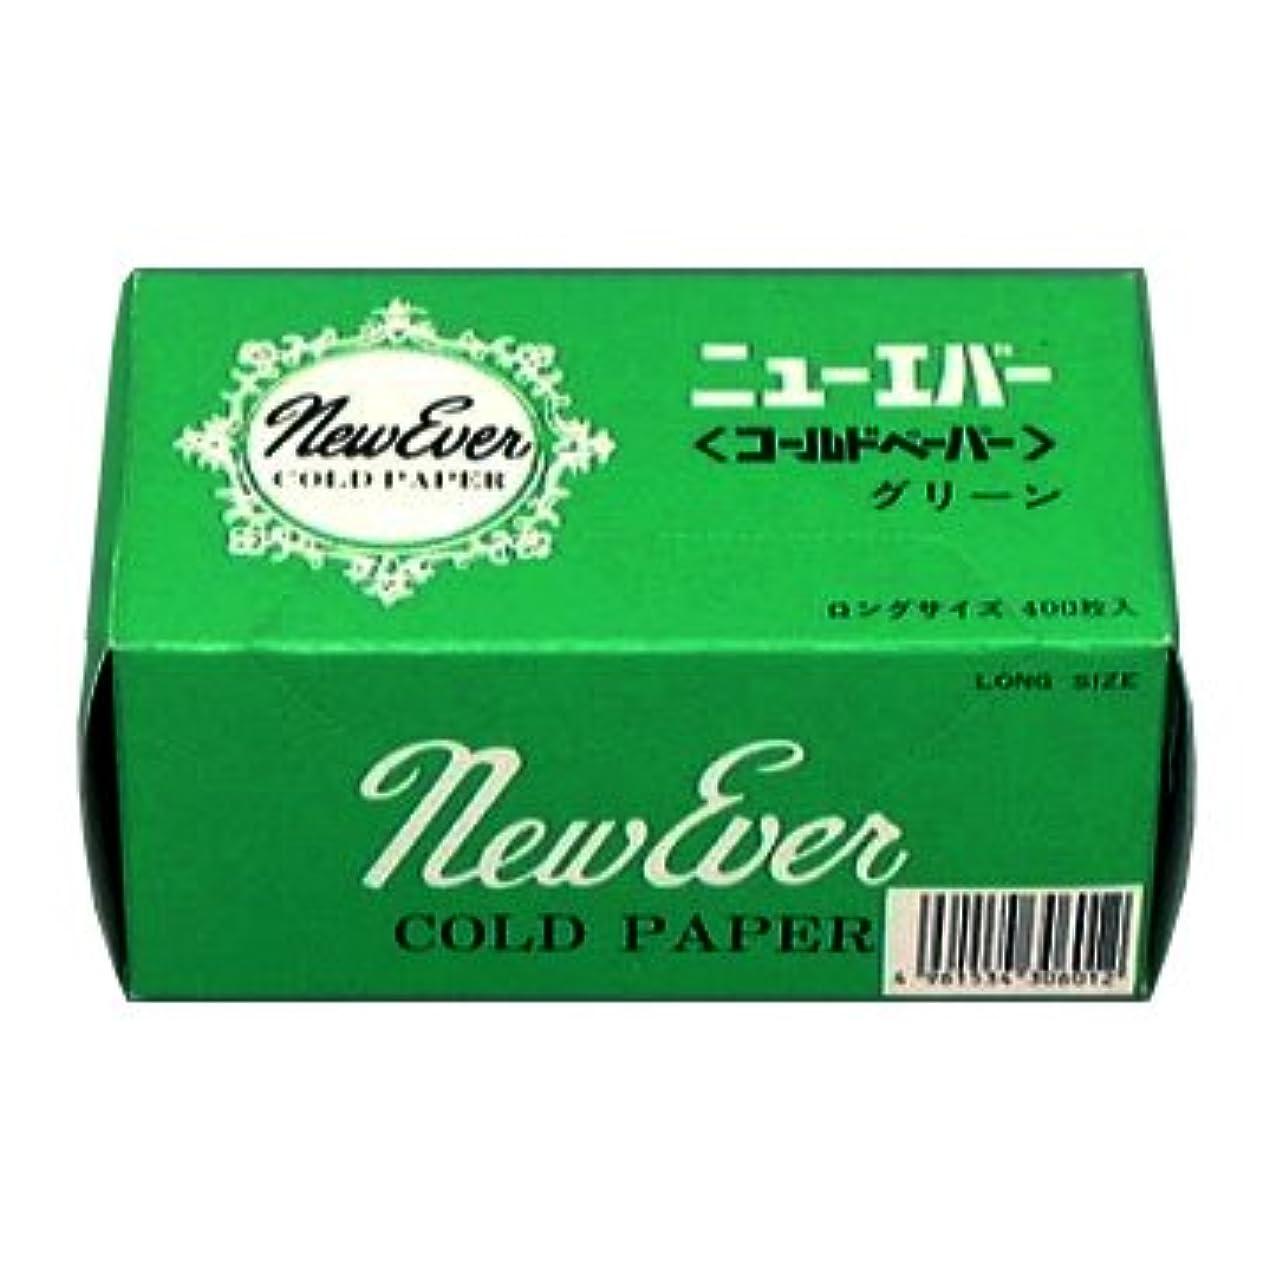 ビデオ人気のシュート米正 ニューエバー コールドペーパー グリーン ロングサイズ 400枚入